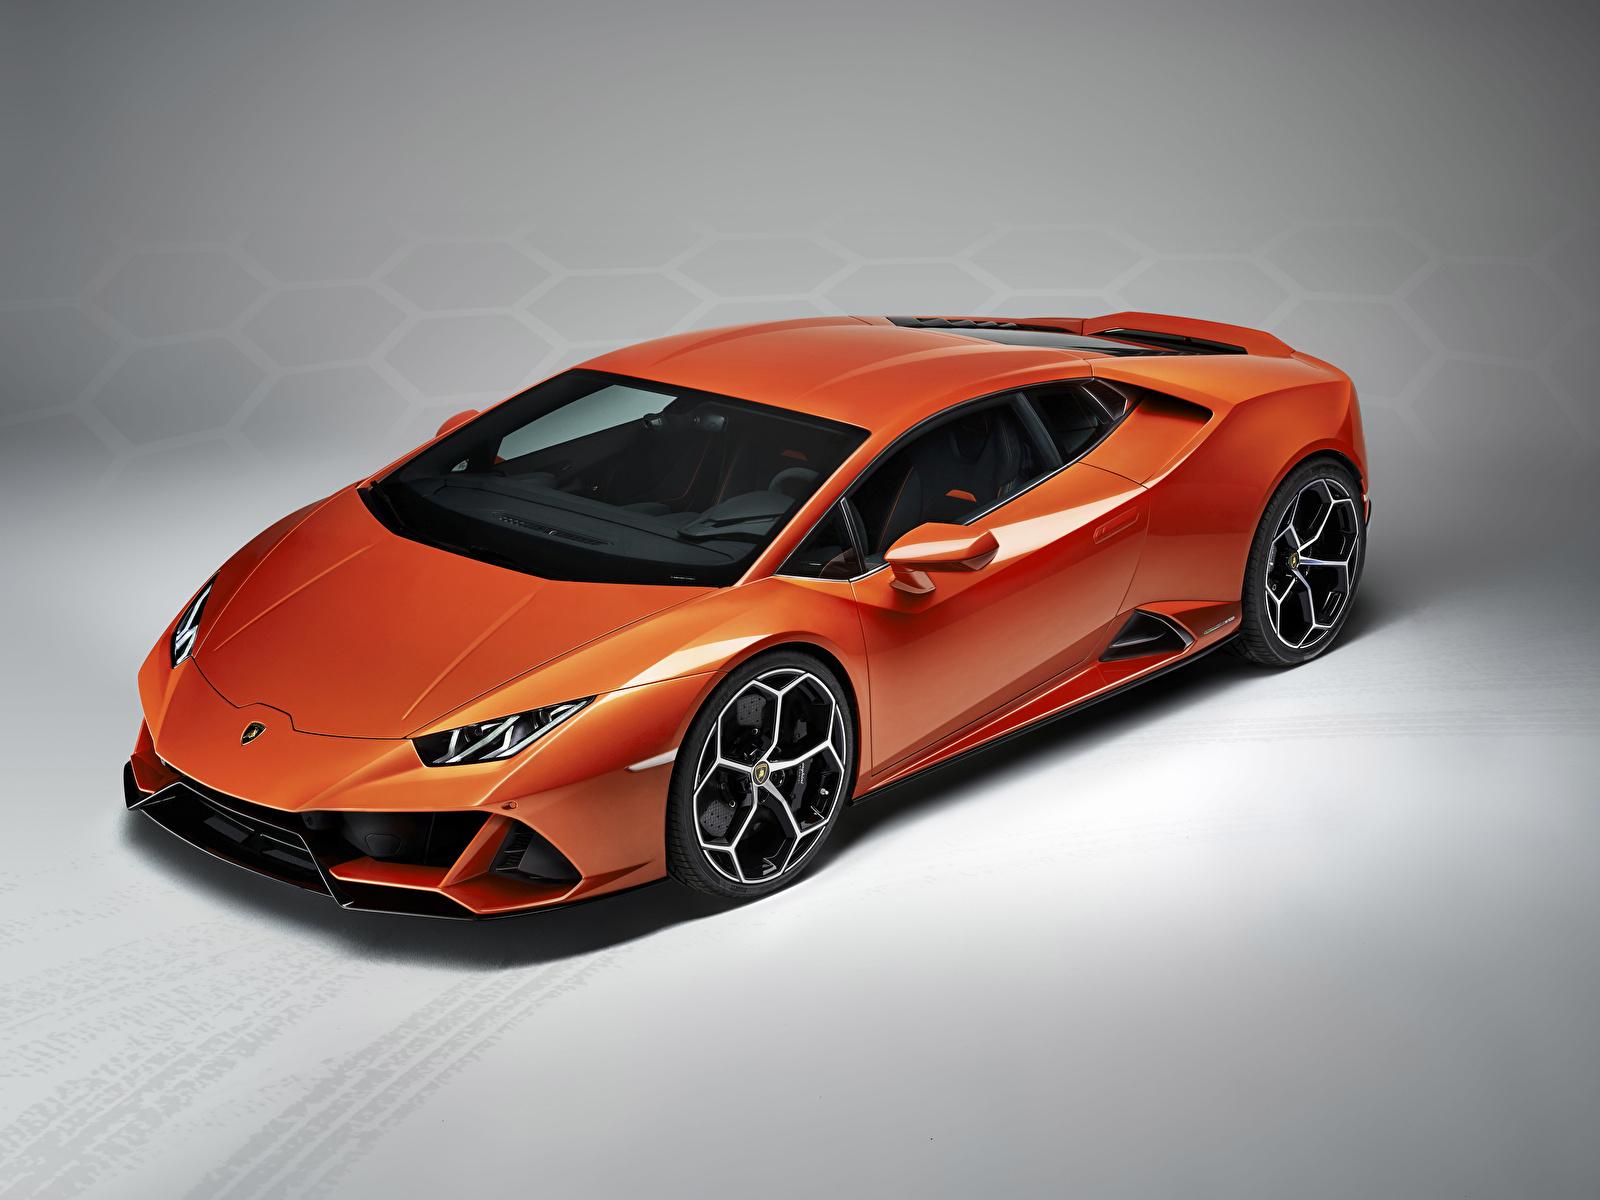 Fotos von Lamborghini 2019 Huracan EVO Orange Autos Grauer Hintergrund 1600x1200